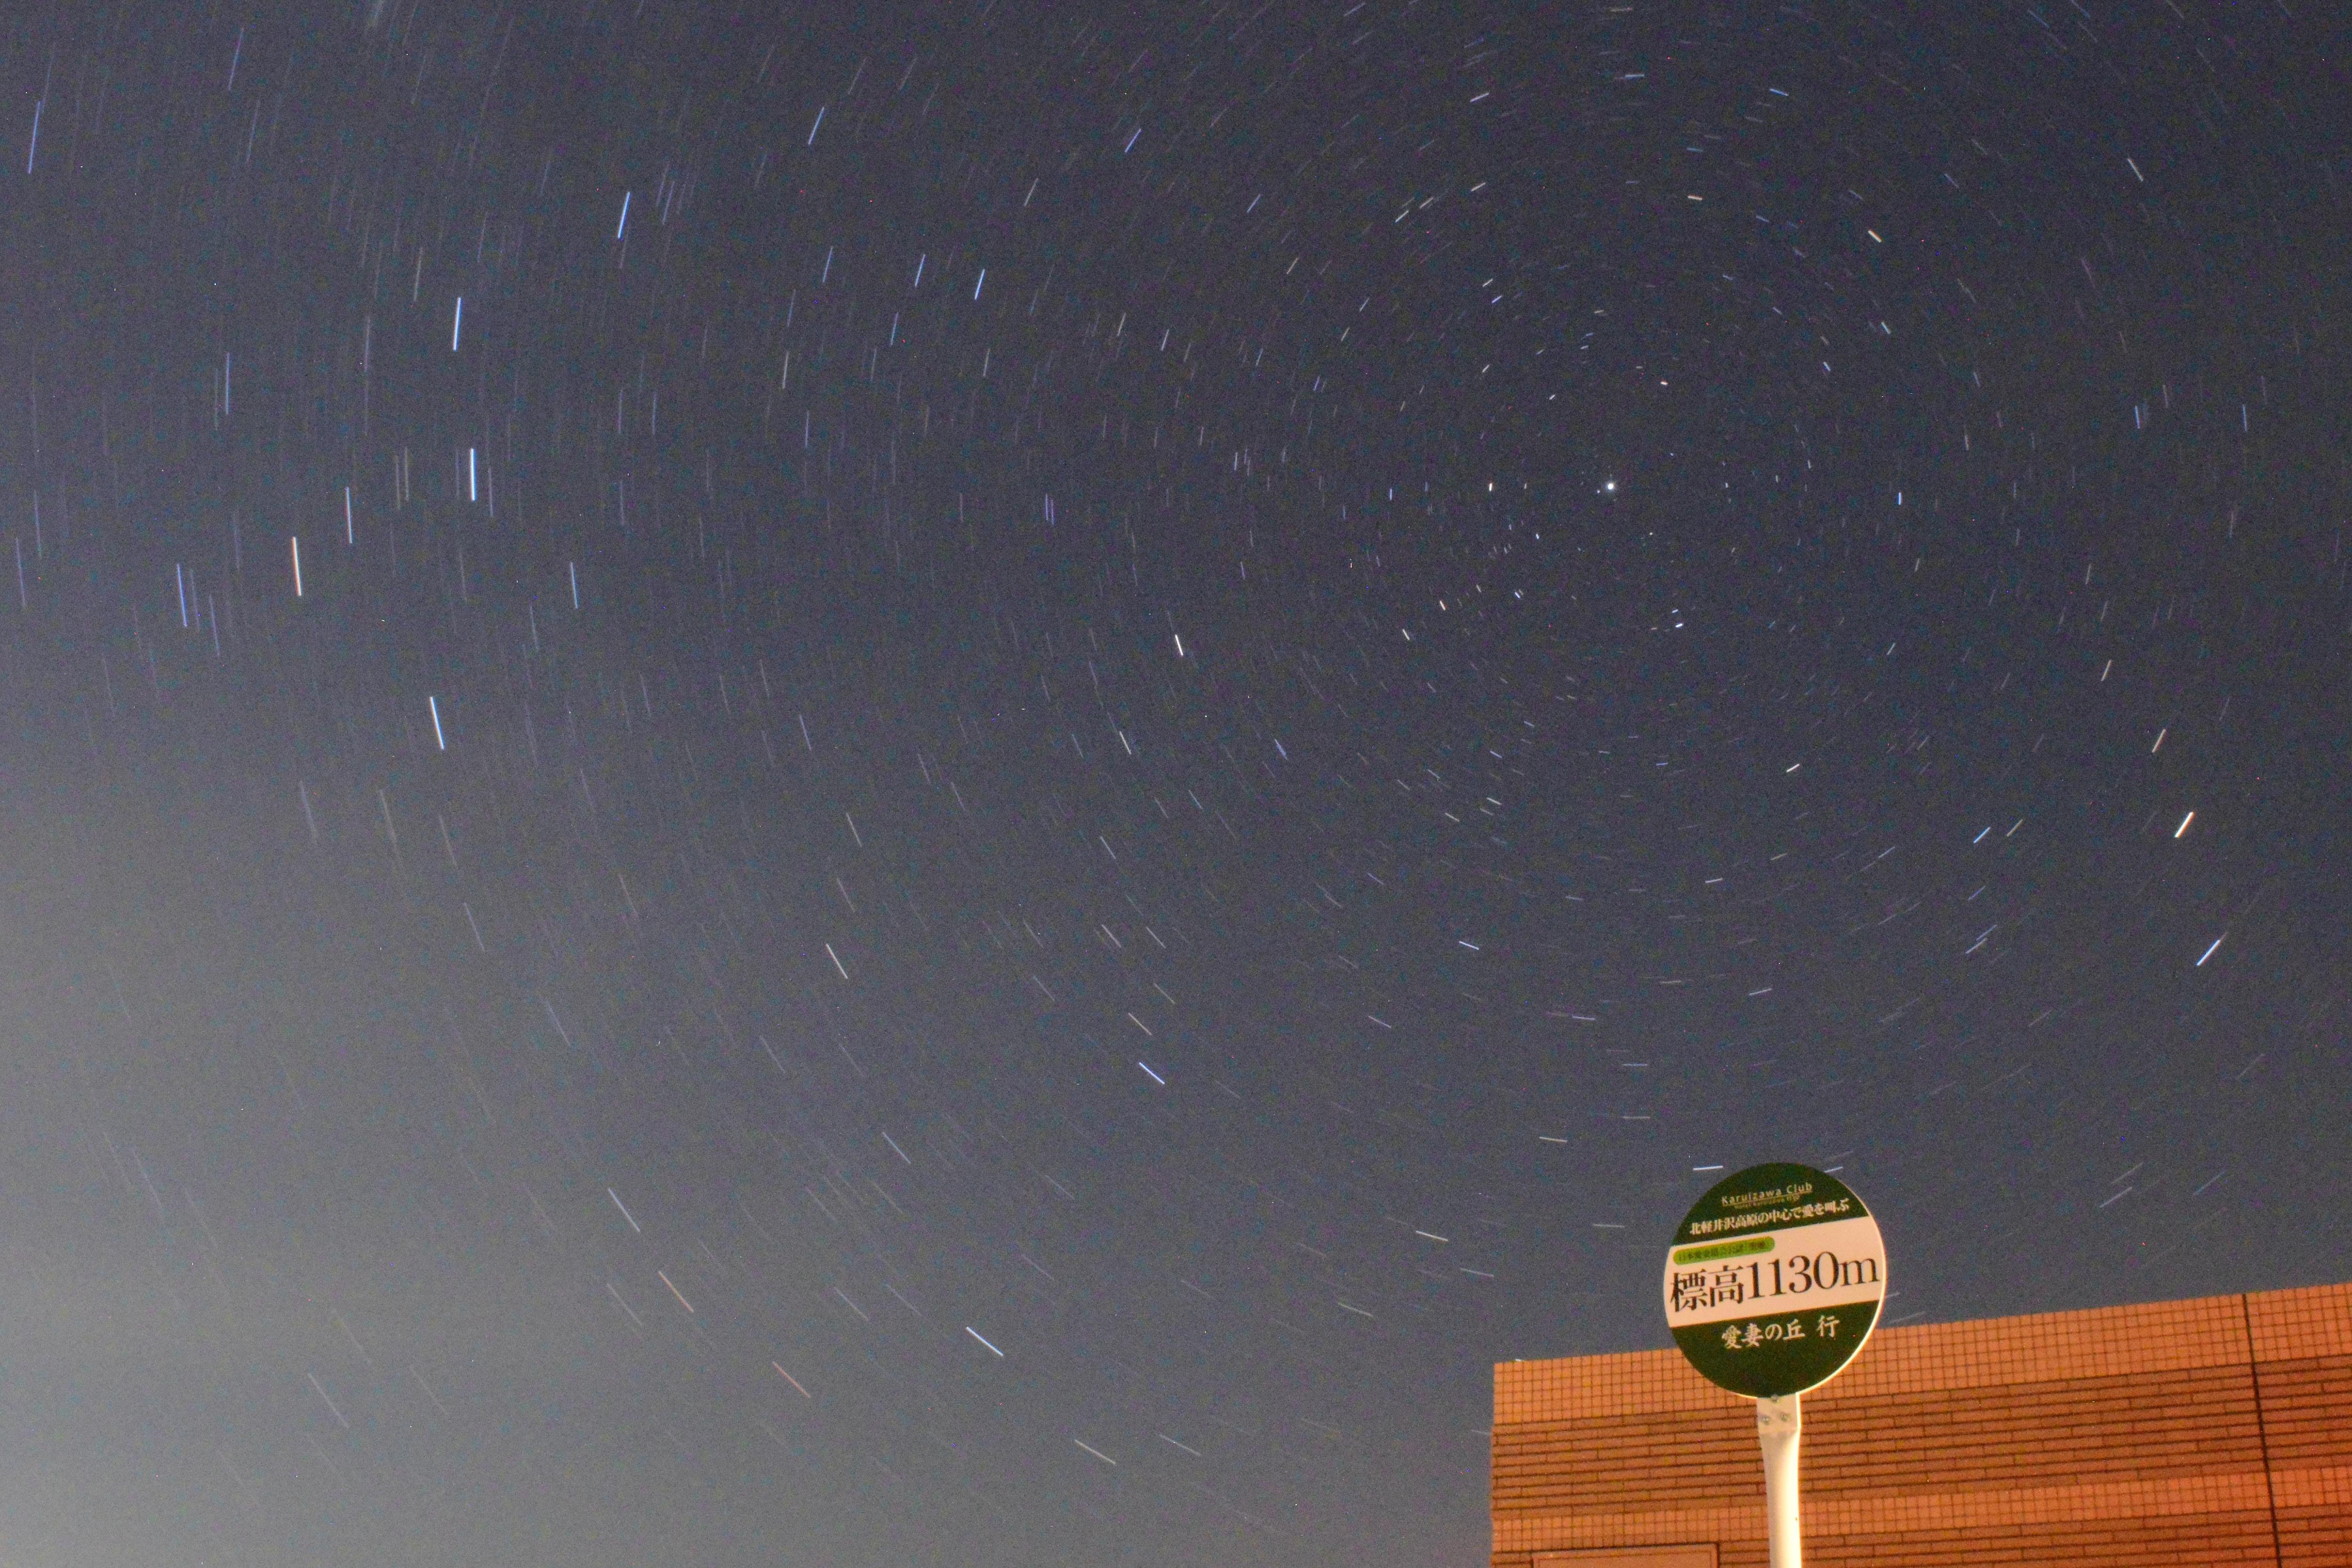 【北軽井沢満喫】夜空をめぐる「パノラマテラス」星空観賞会&大好評の信州TANTO